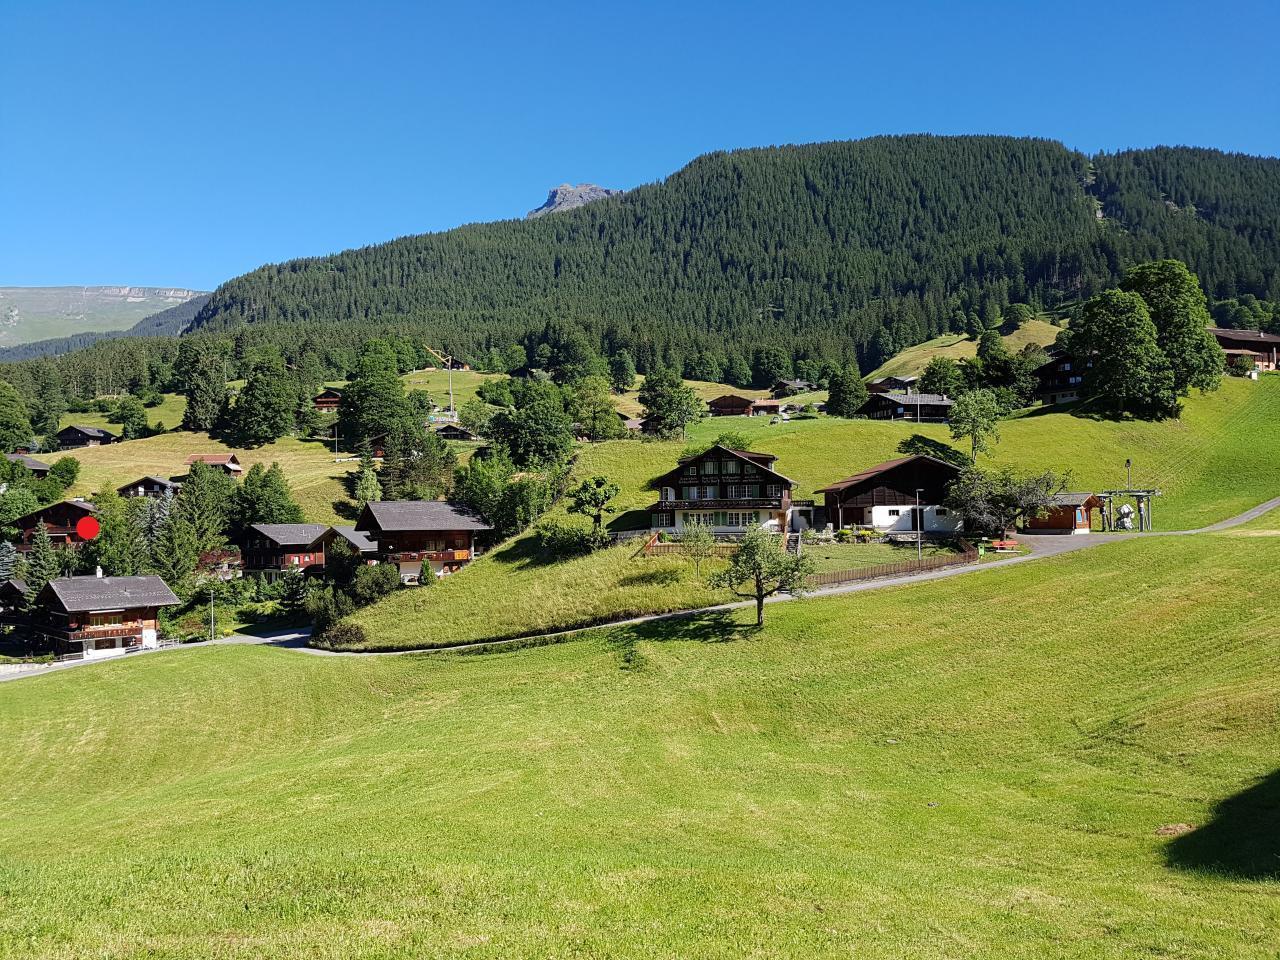 Ferienwohnung Chalet Moosrain - Studio West (1978339), Grindelwald, Jungfrauregion, Berner Oberland, Schweiz, Bild 8